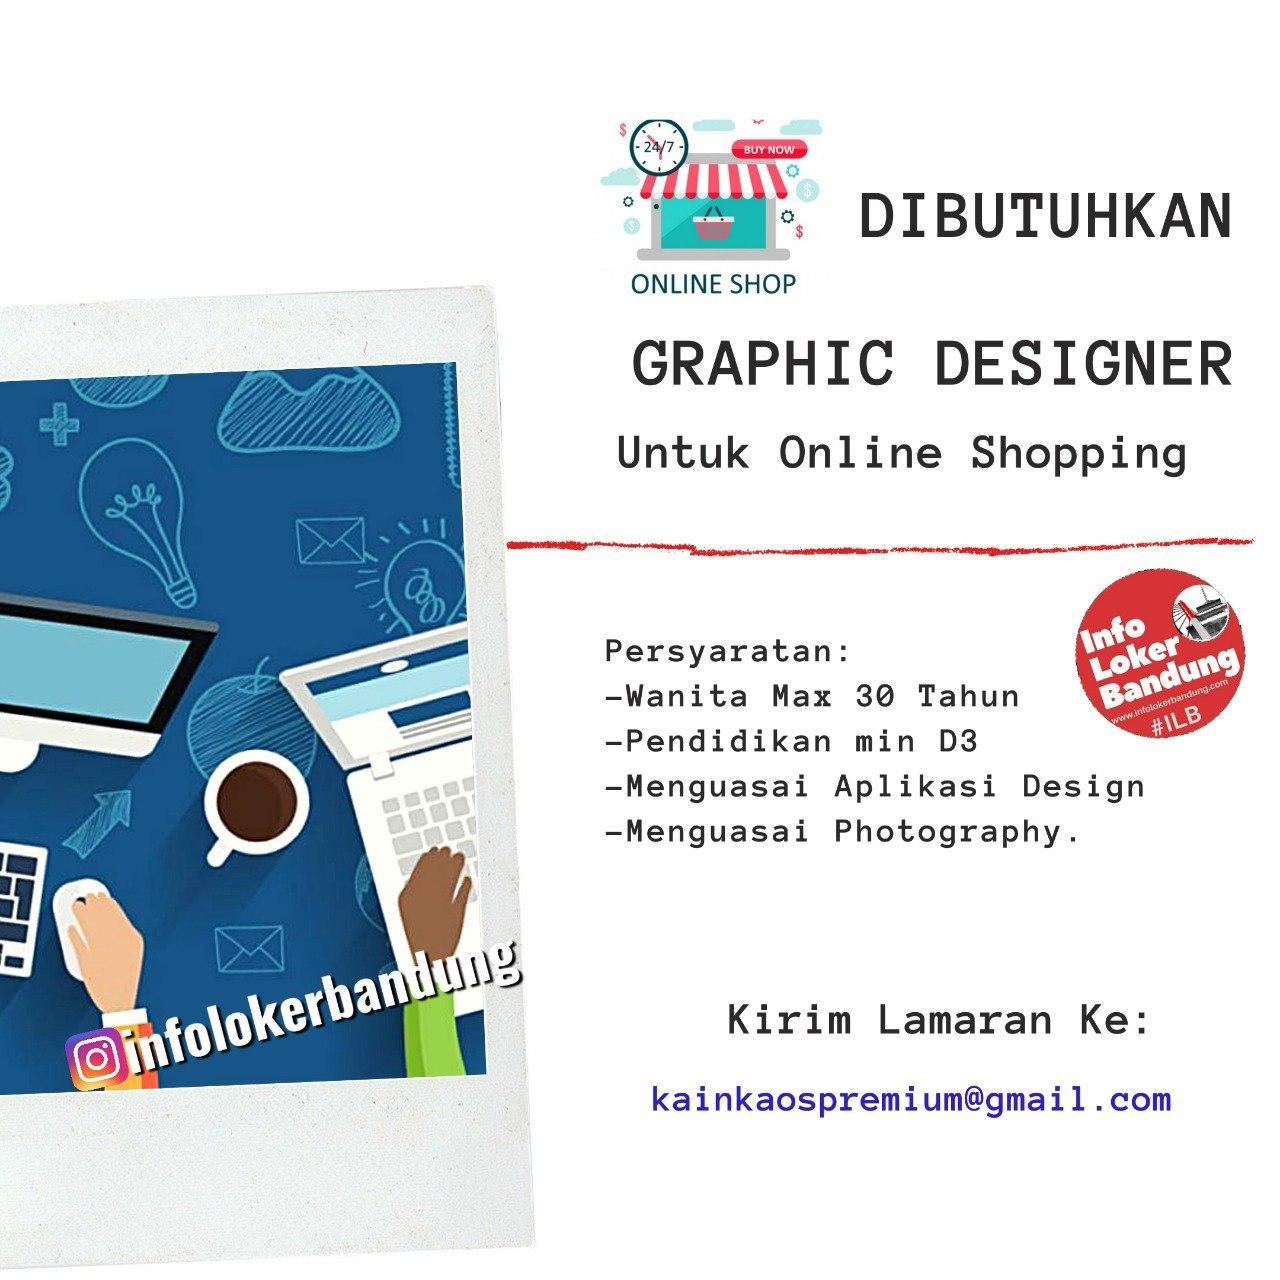 Lowongan Kerja Graphic Designer Kain Kaos Premium Bandung Juni 2020